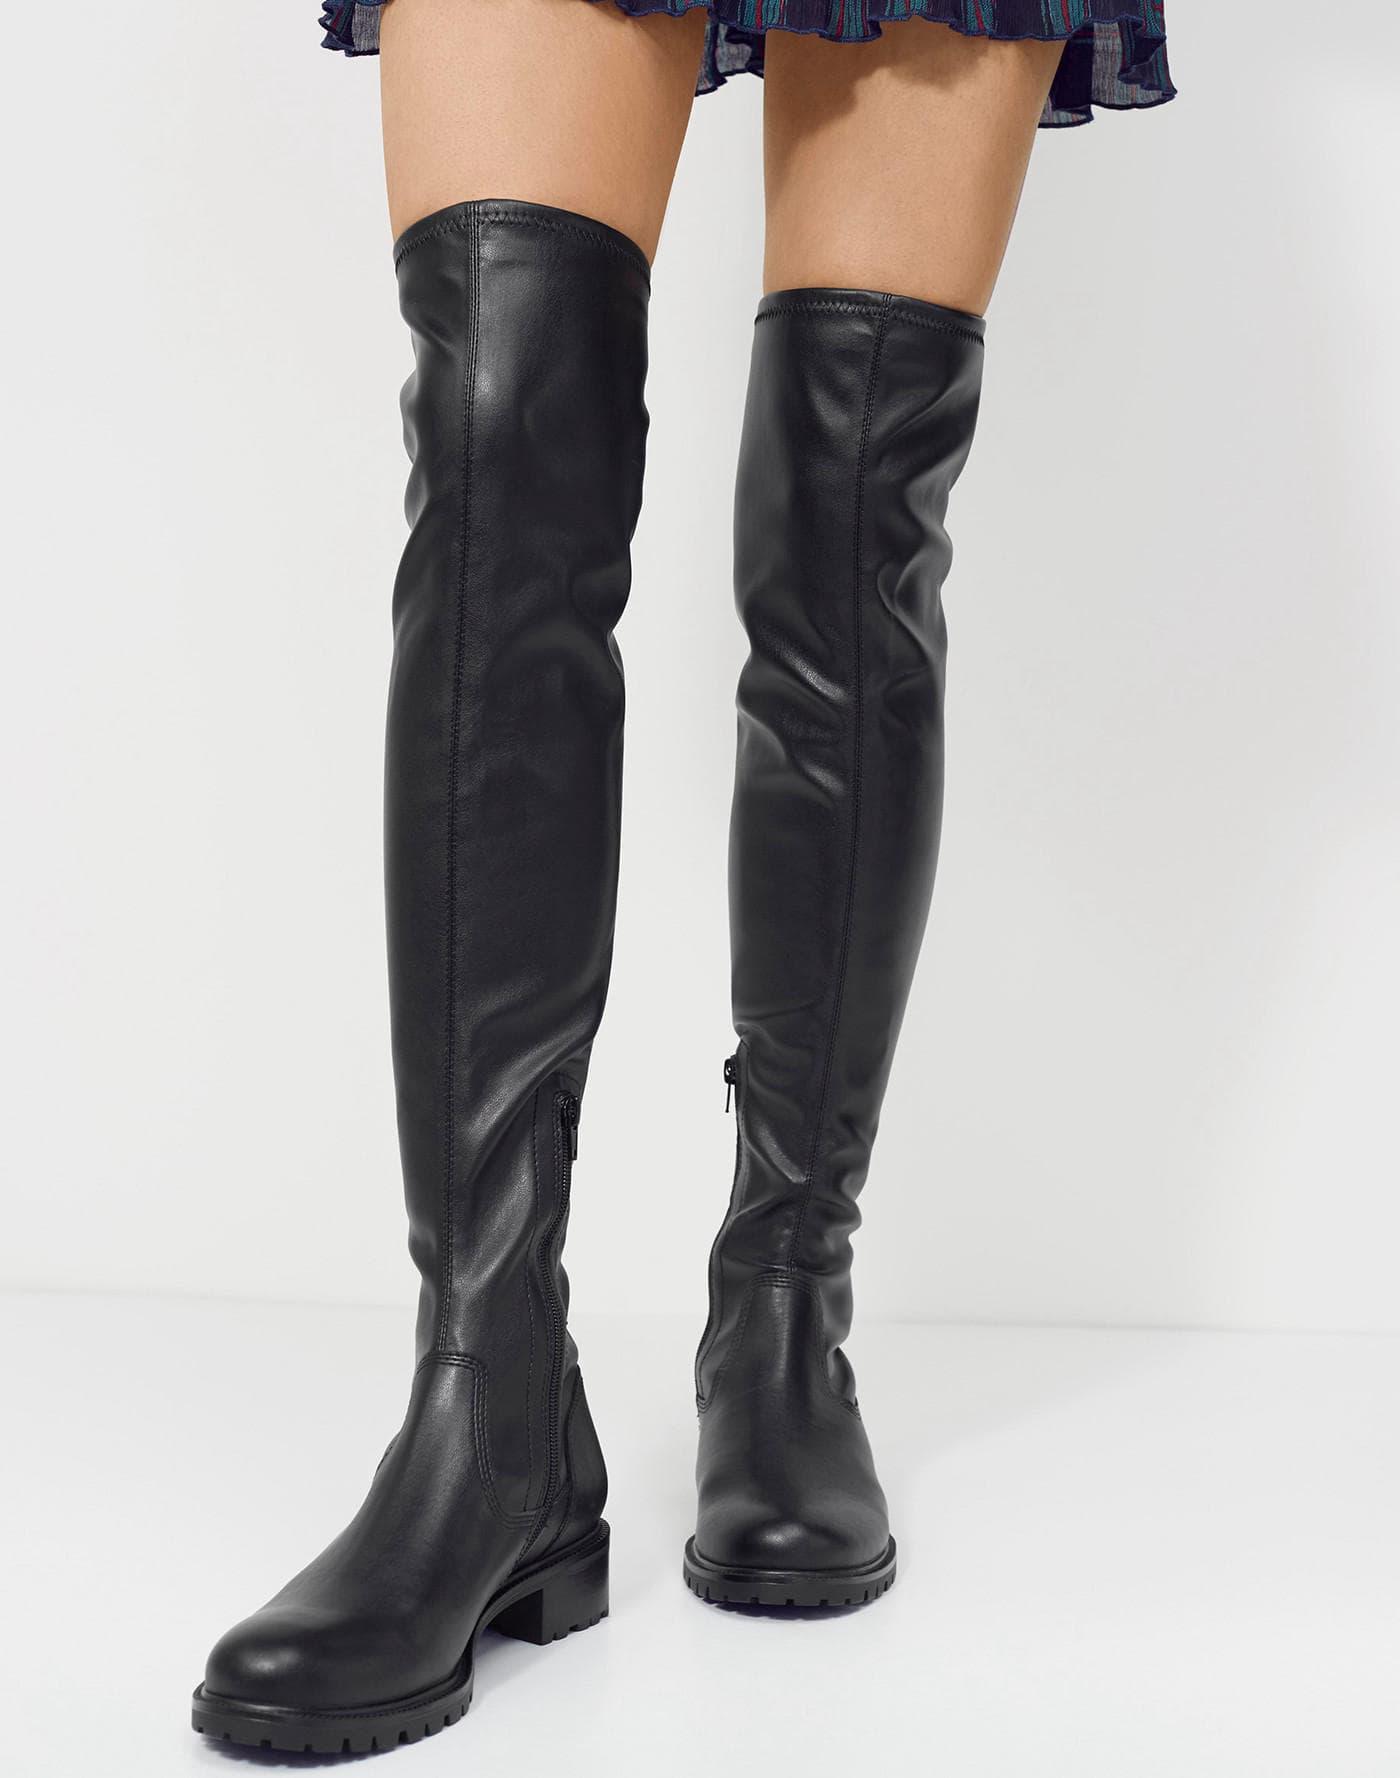 1c1b6fb00347 Boots | ALDO UK